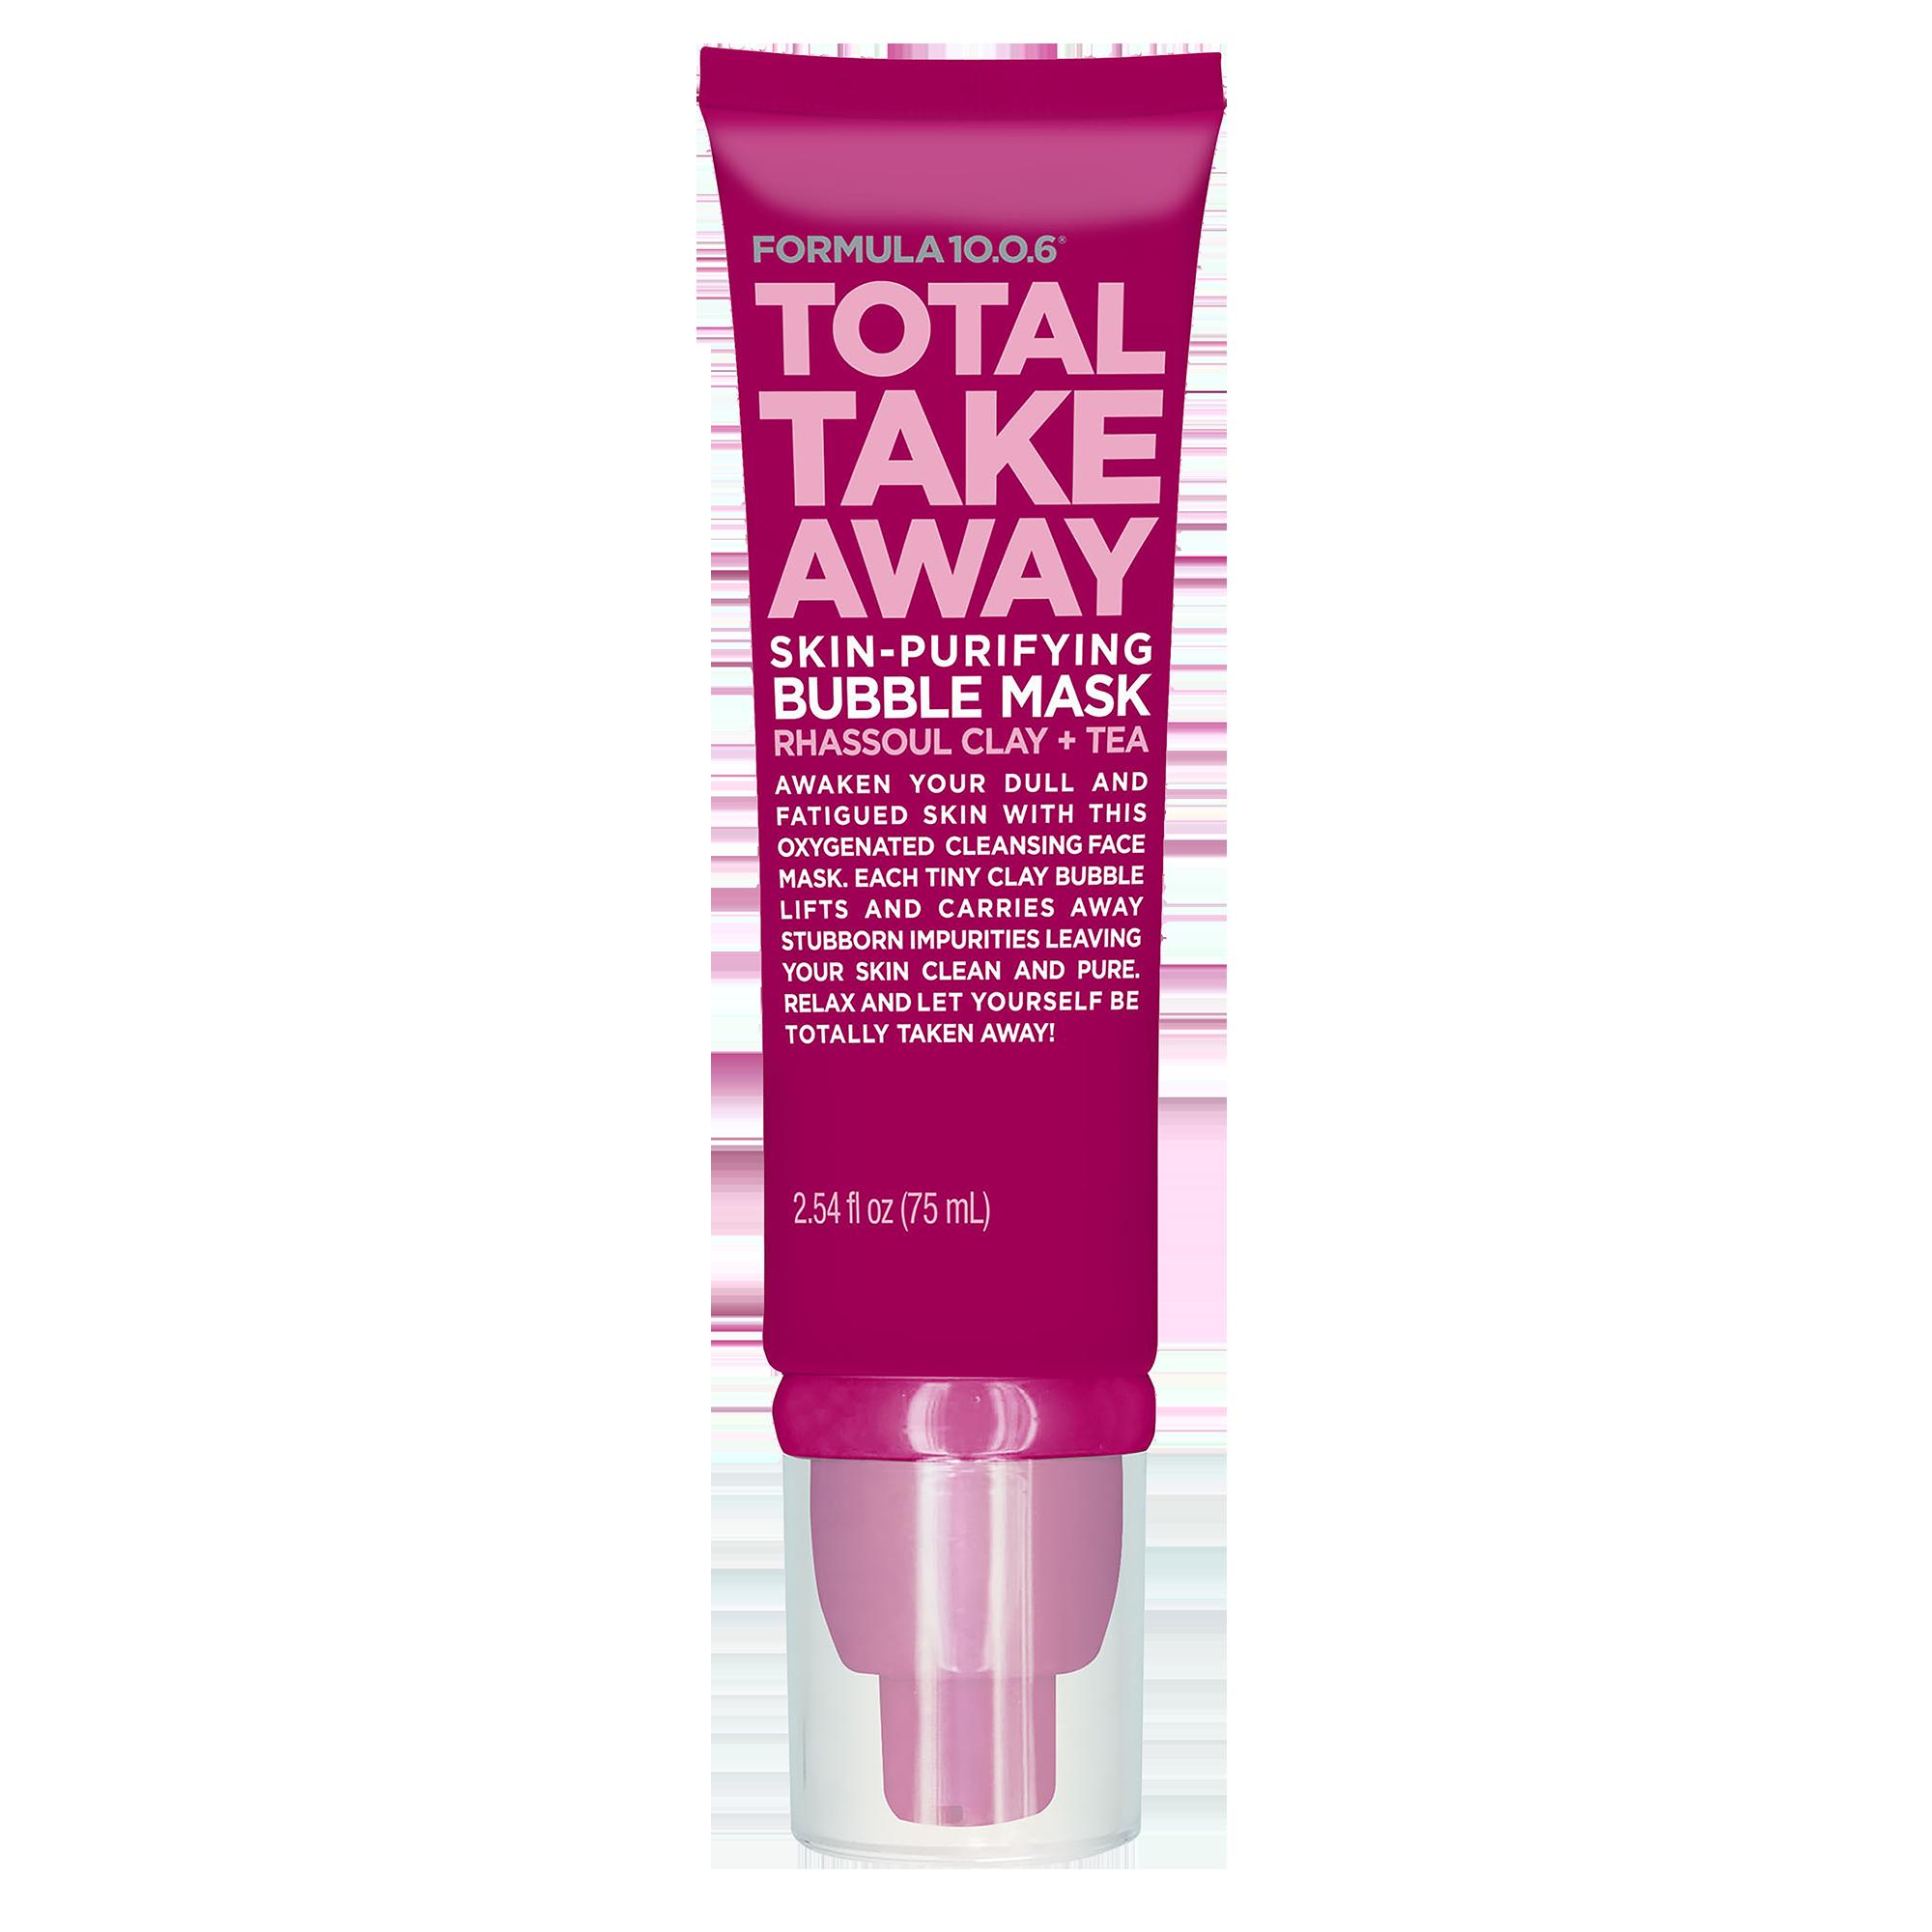 Total Take Away Bubble Mask 75ml